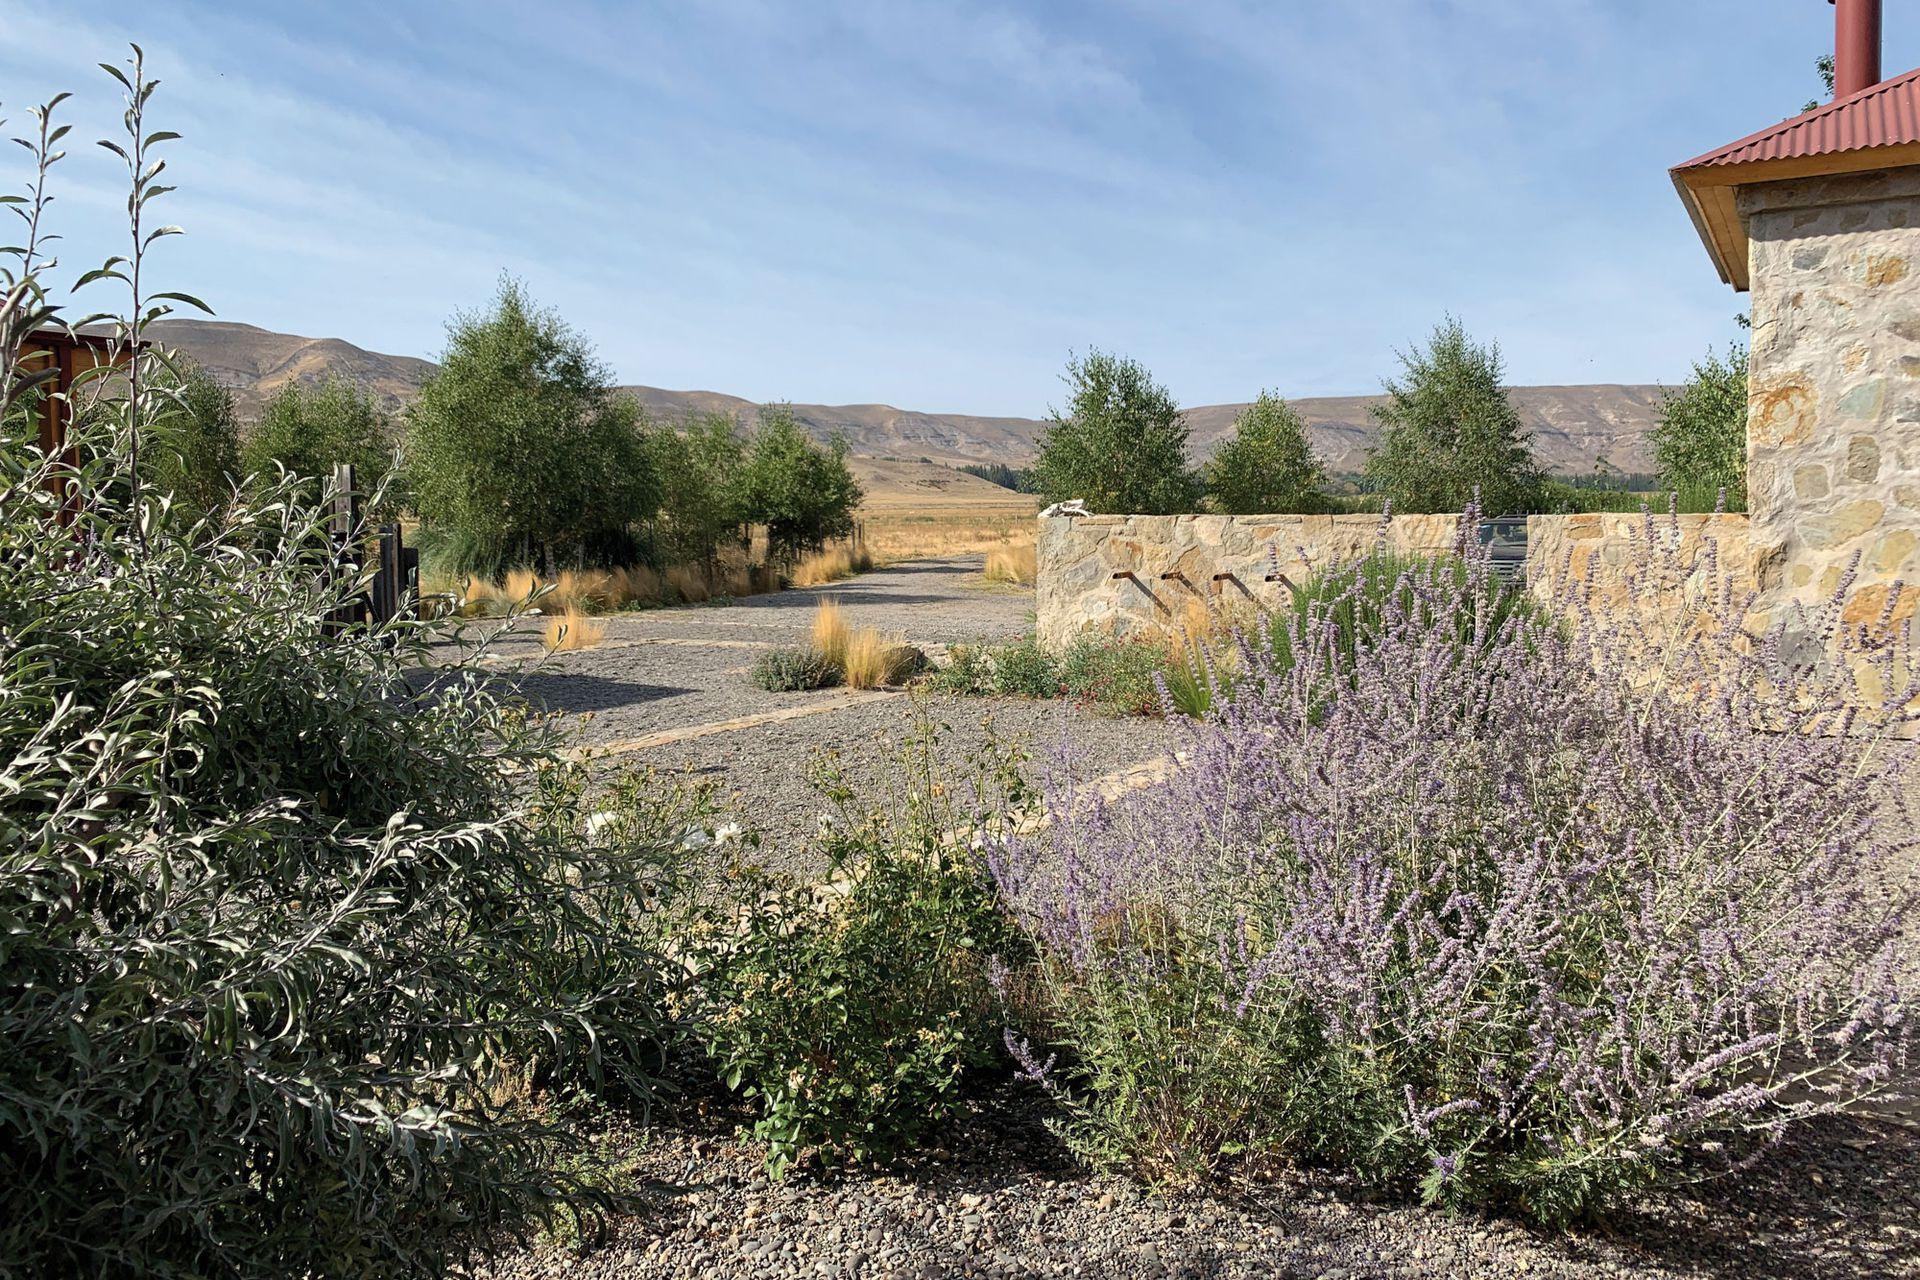 Un muro bajo se aprovechó para plantear una fuente que trae el sonido del agua hacia esta parte del jardín.